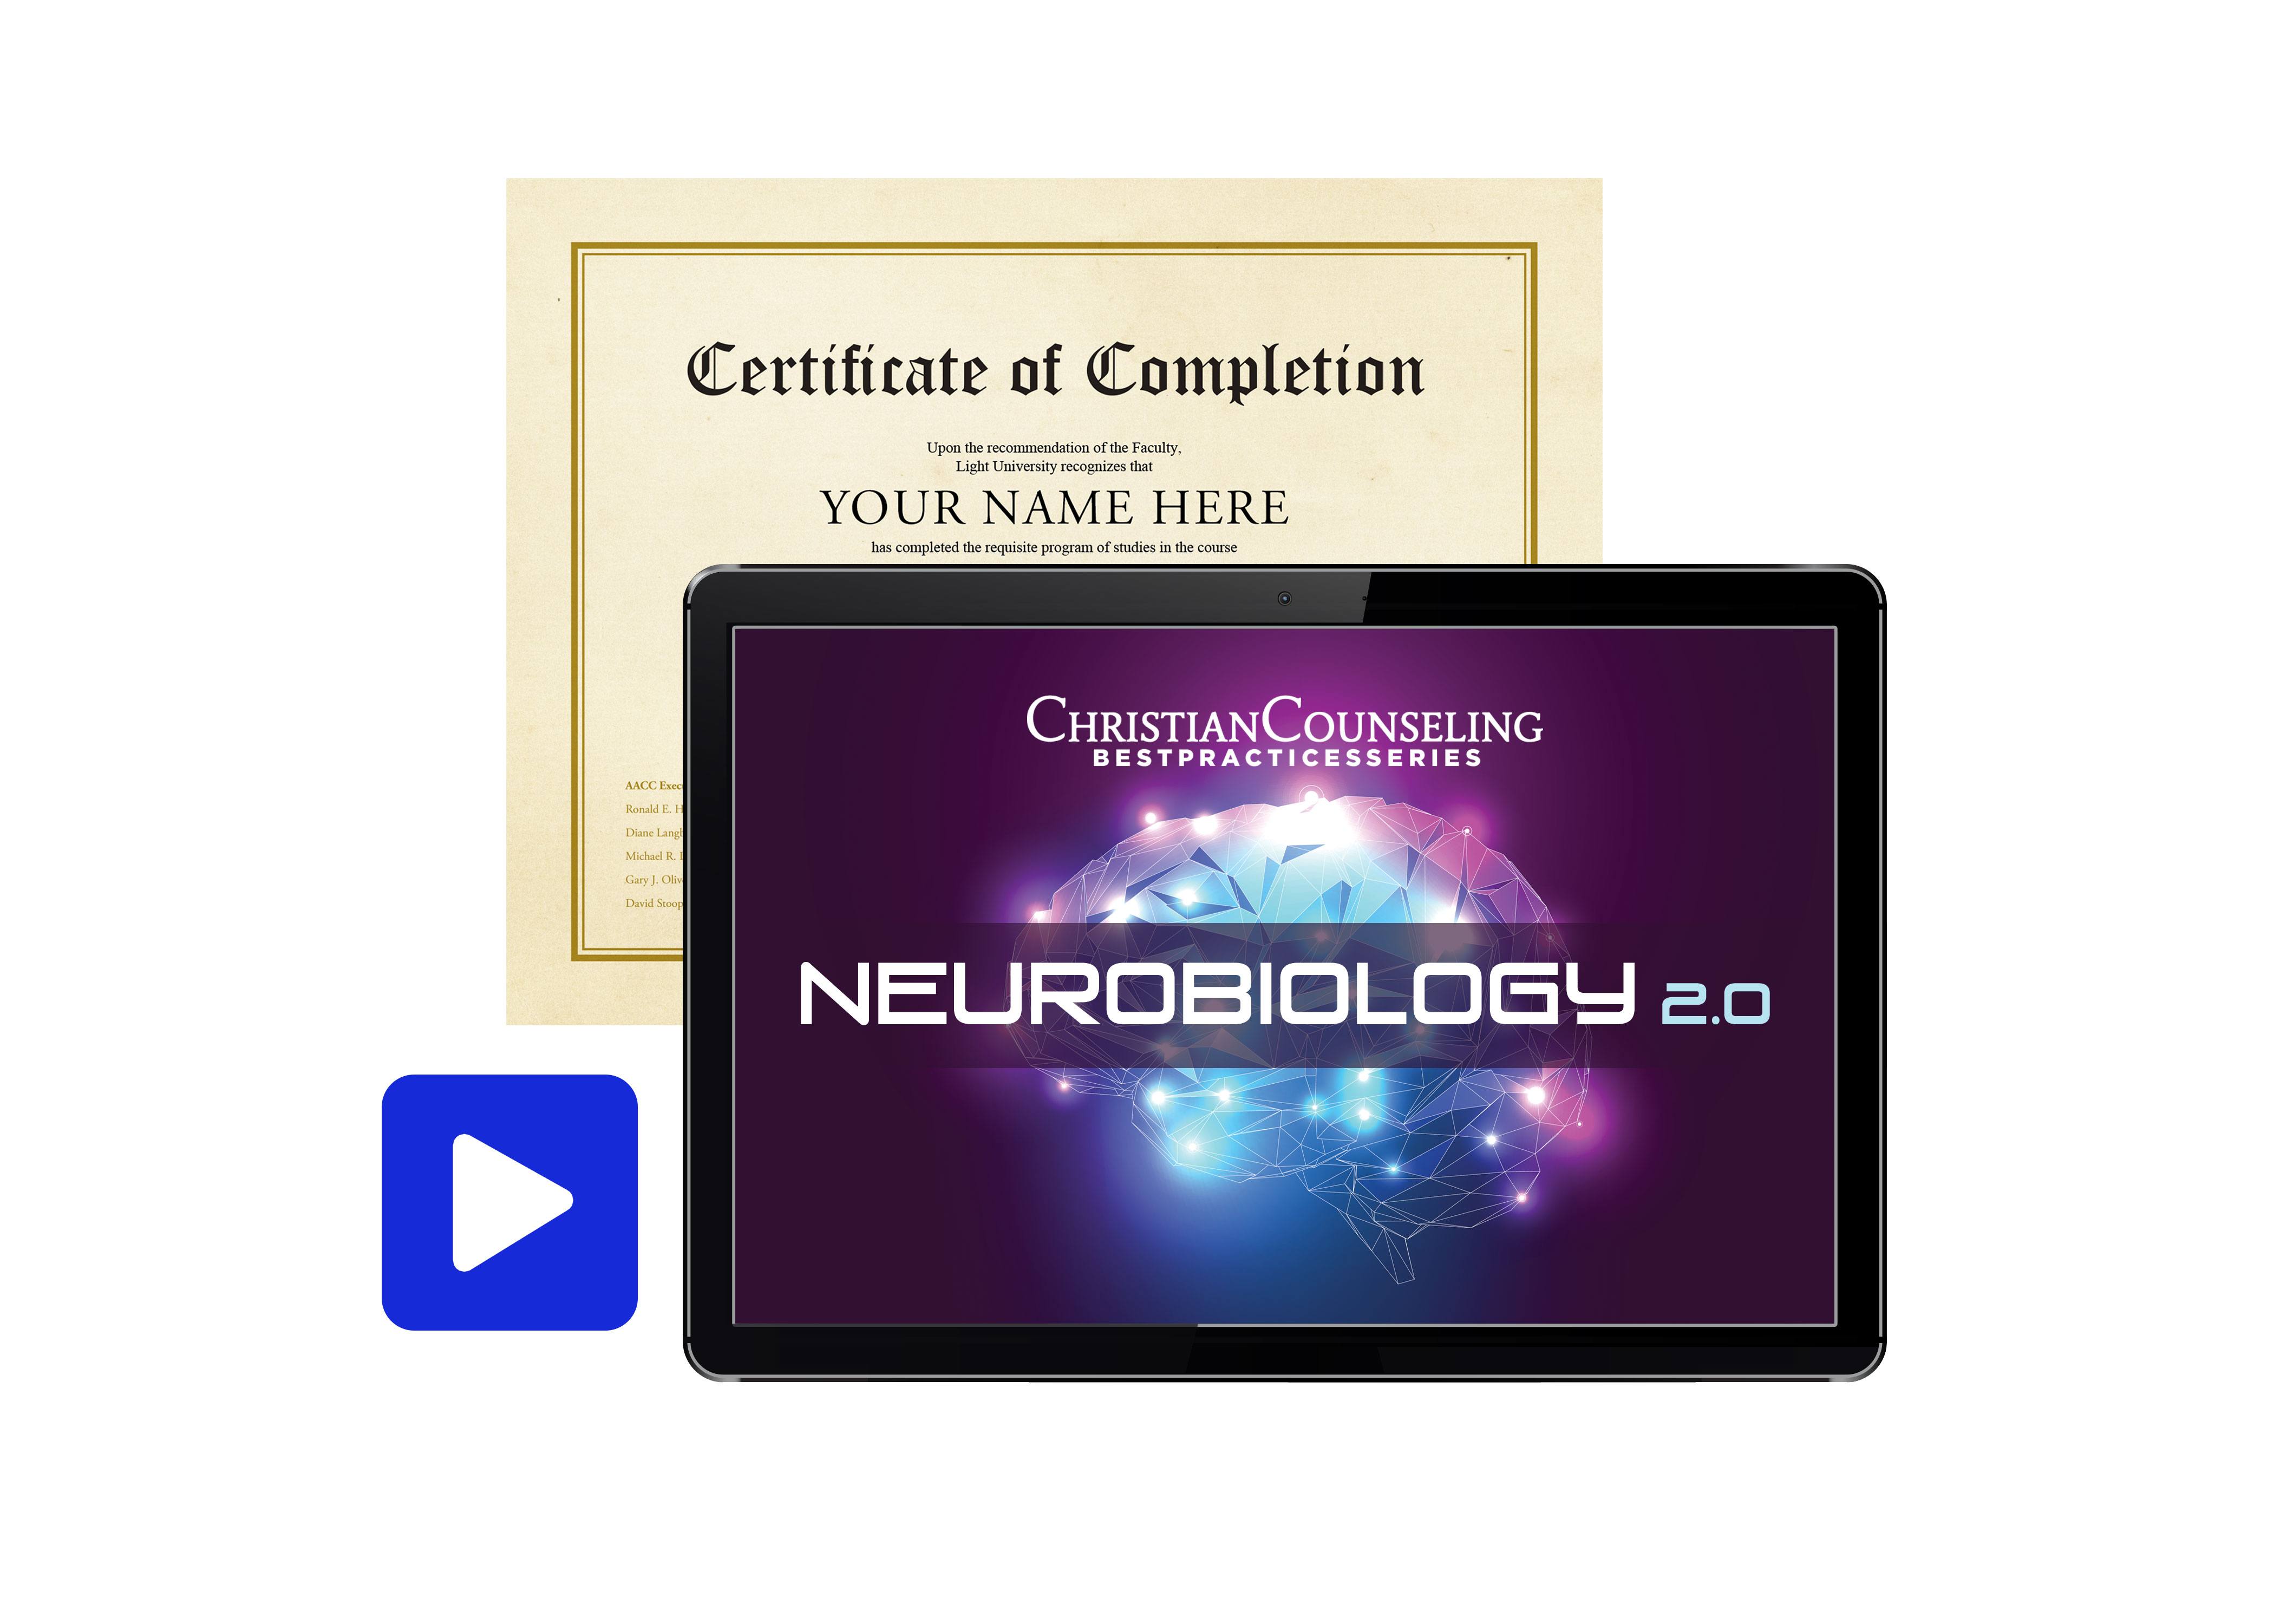 Neurobiology 2.0